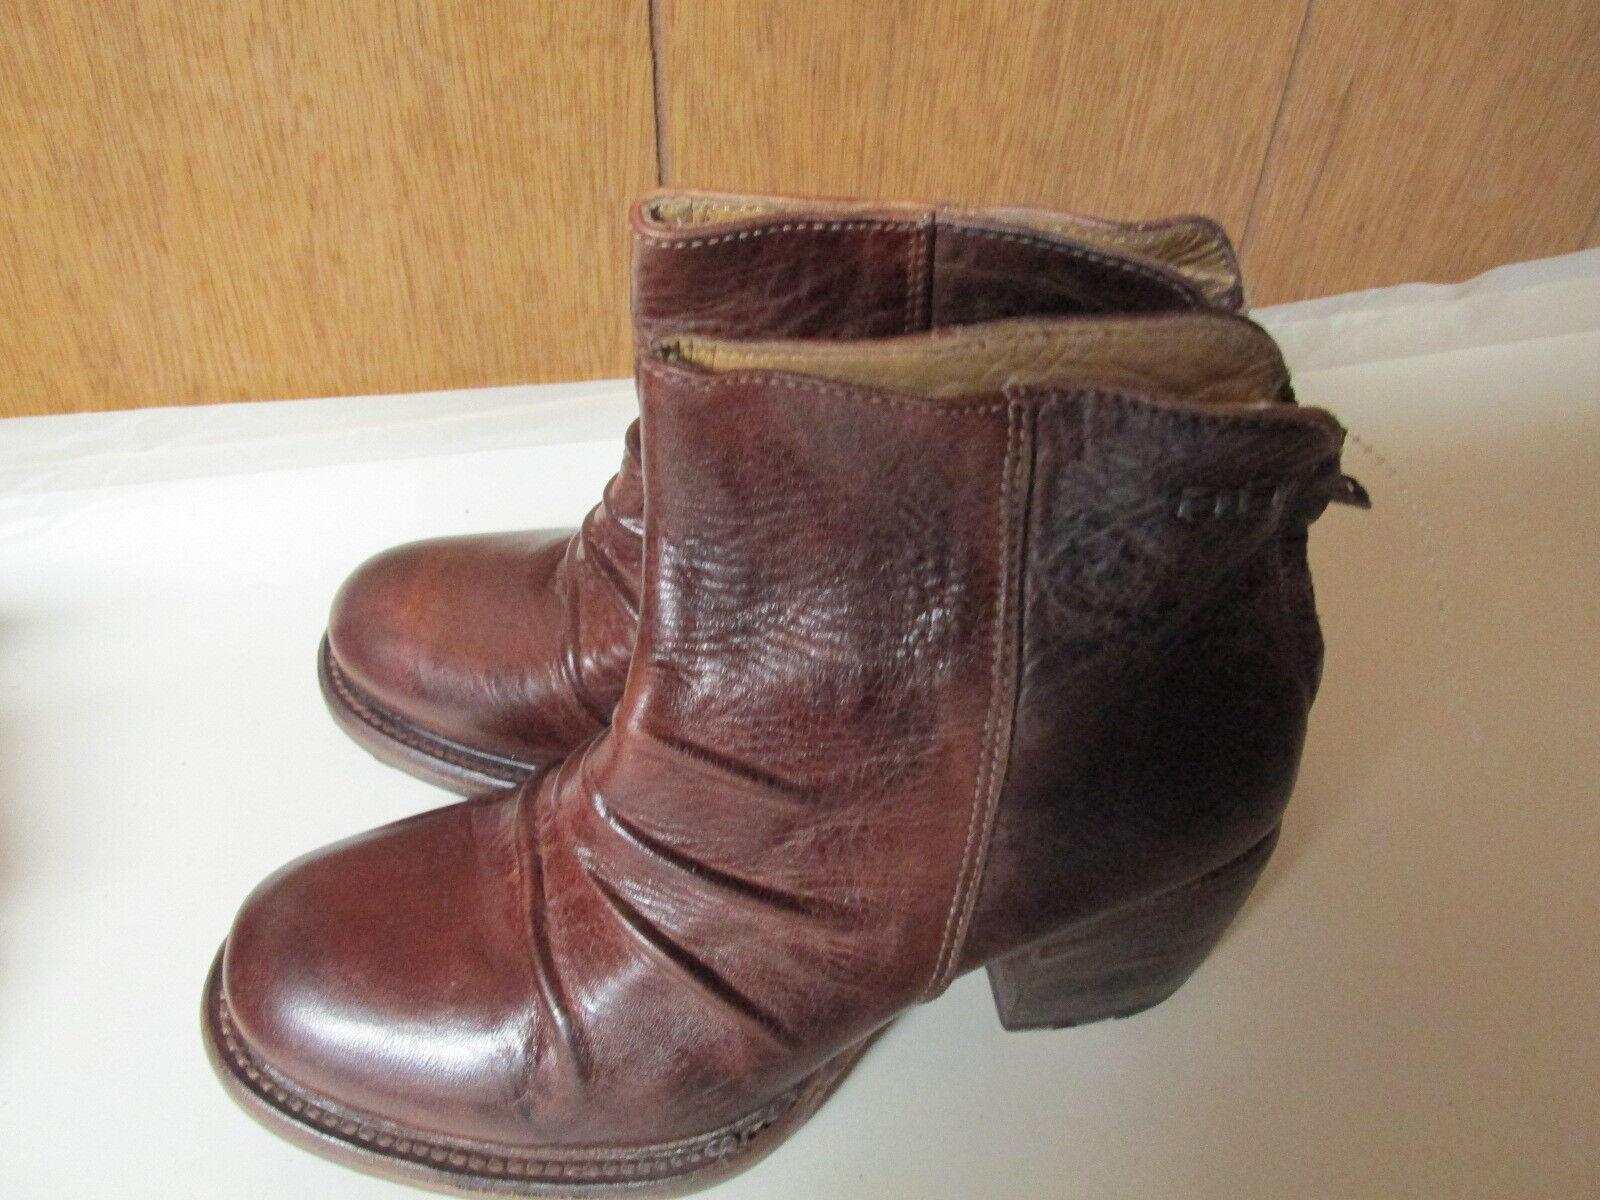 Bed Stu Arcane Stiefel Größe 6.5 NWOB 220